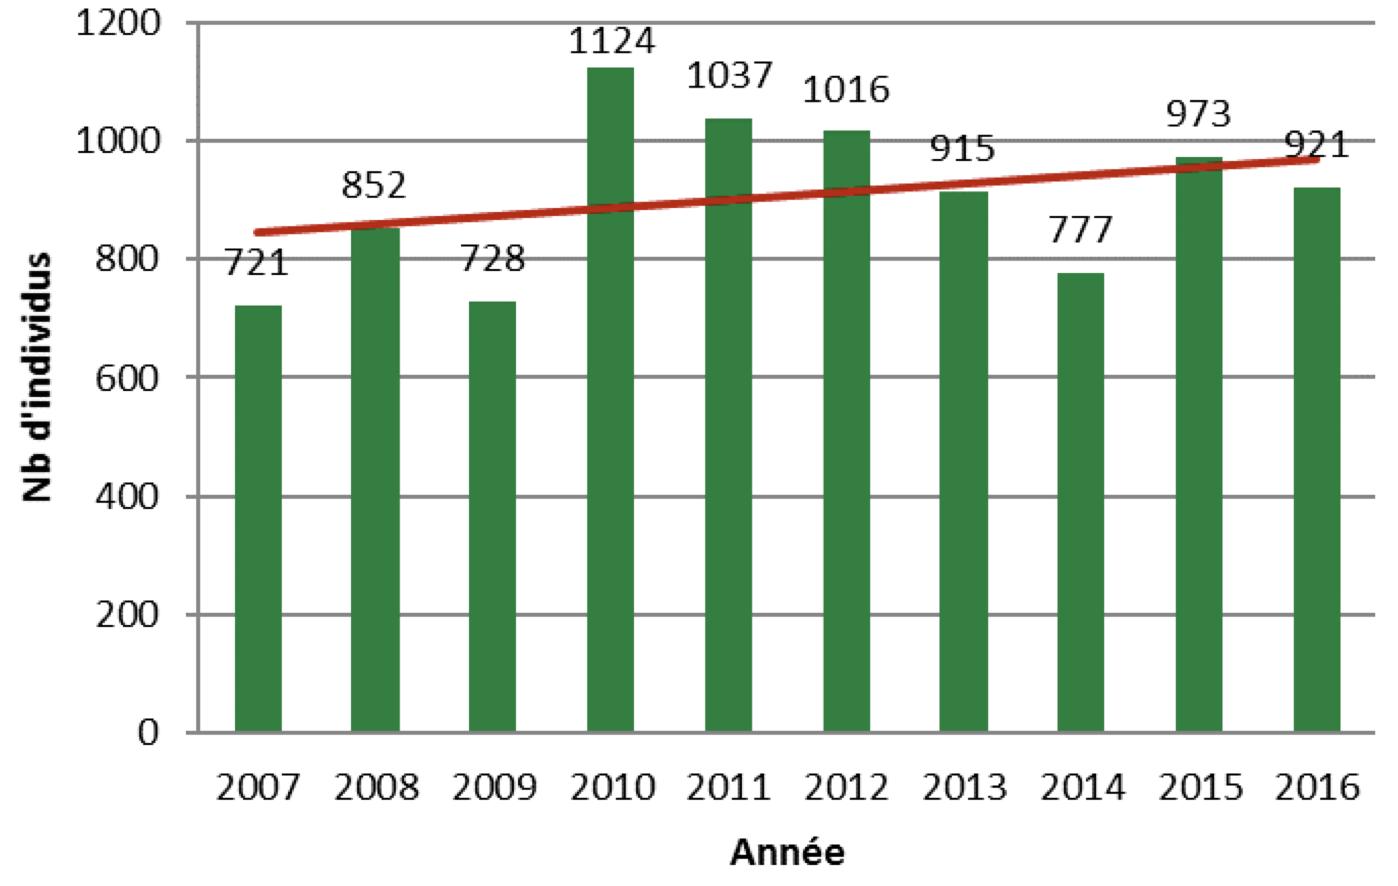 Évolution des effectifs totaux hivernants, dénombrés sur les 9 sites témoins du Parc, de 2007 à 2016 (Source : CMNF, 2017)